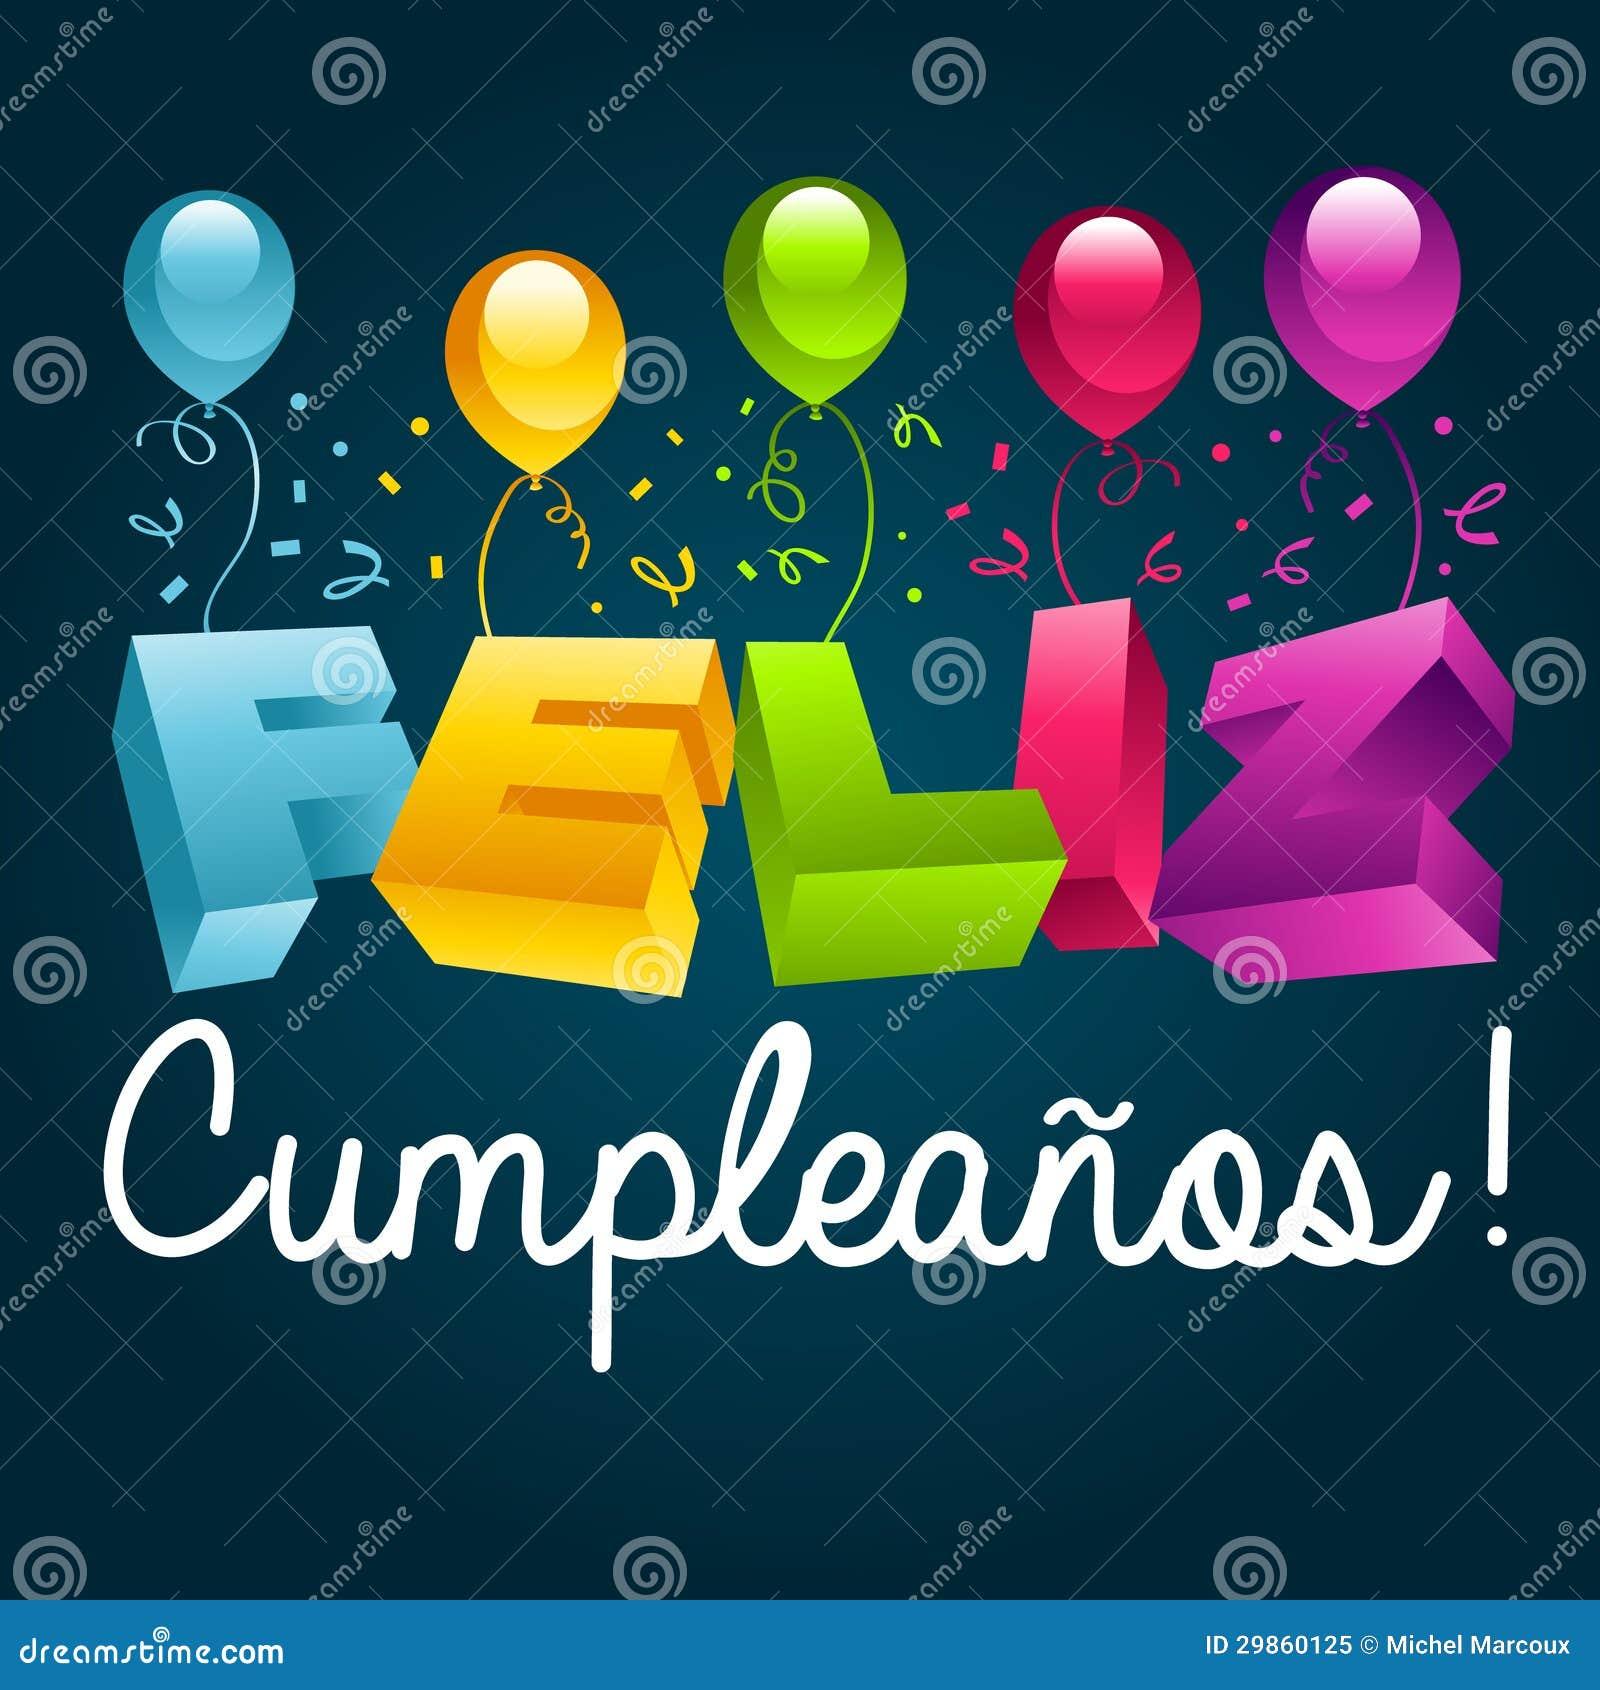 gefeliciteerd met je verjaardag in het spaans Feliz Cumpleanos   Gelukkige Verjaardags Spaanse Tekst Vector  gefeliciteerd met je verjaardag in het spaans